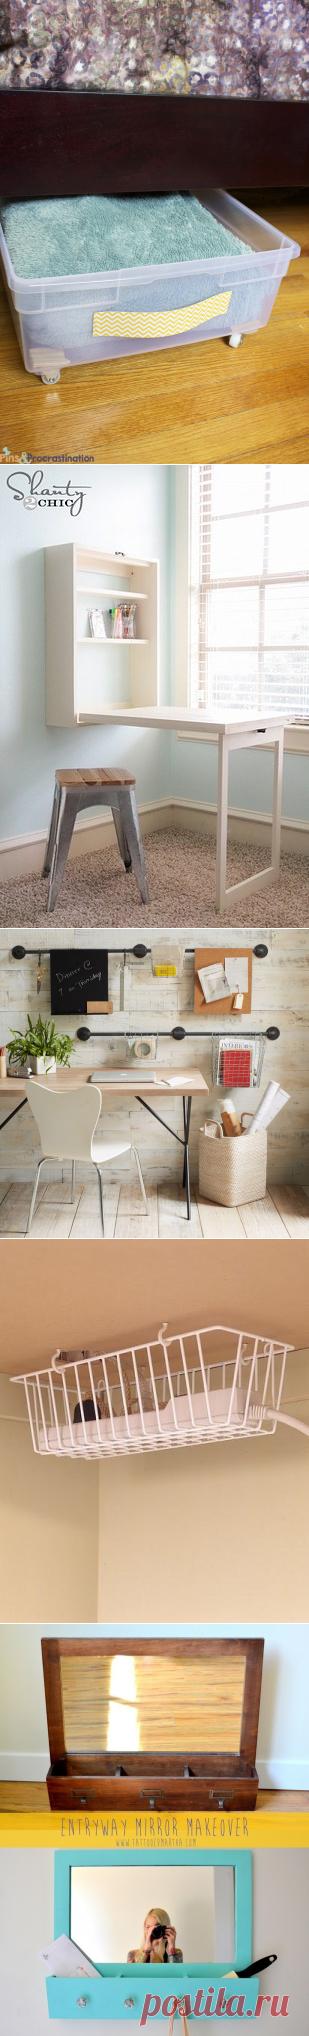 Las decisiones de estilo y prácticas para la casa — Nuestras casas